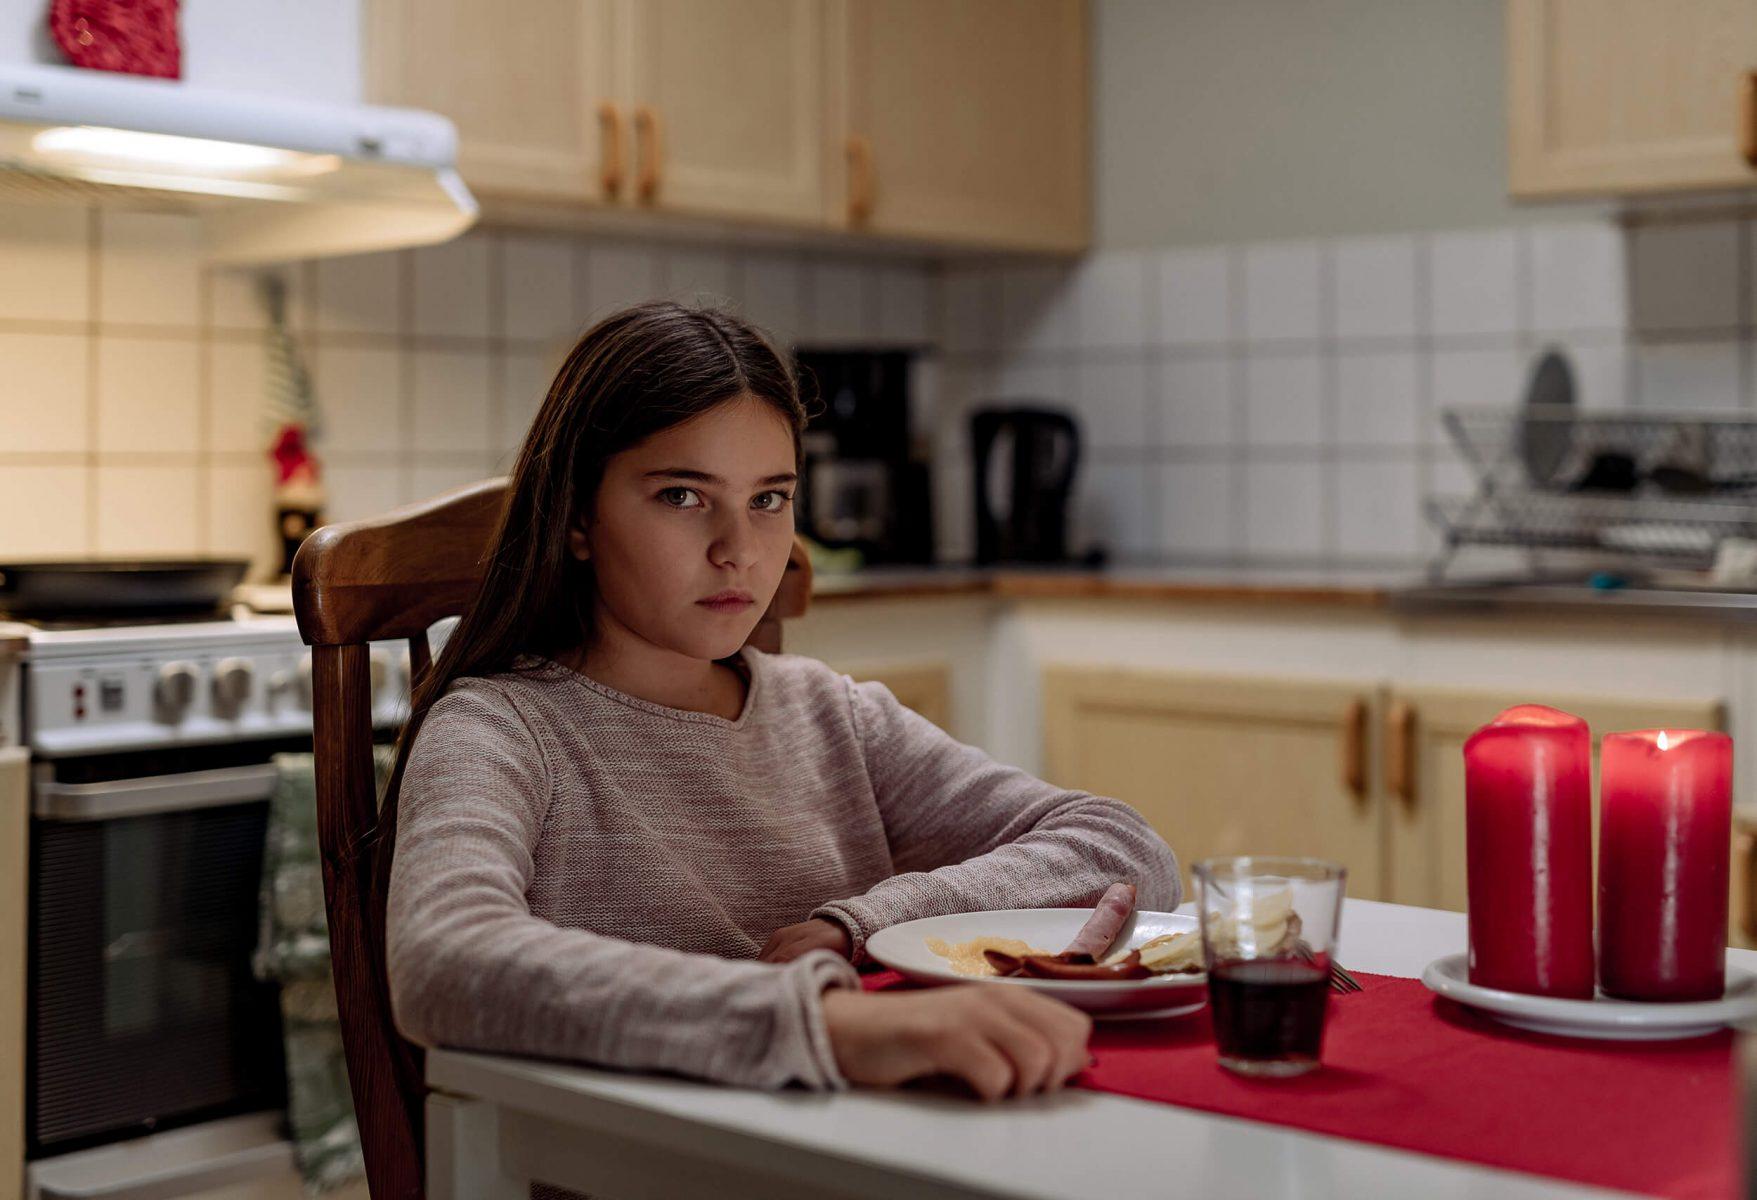 Girl eating Christmas dinner.